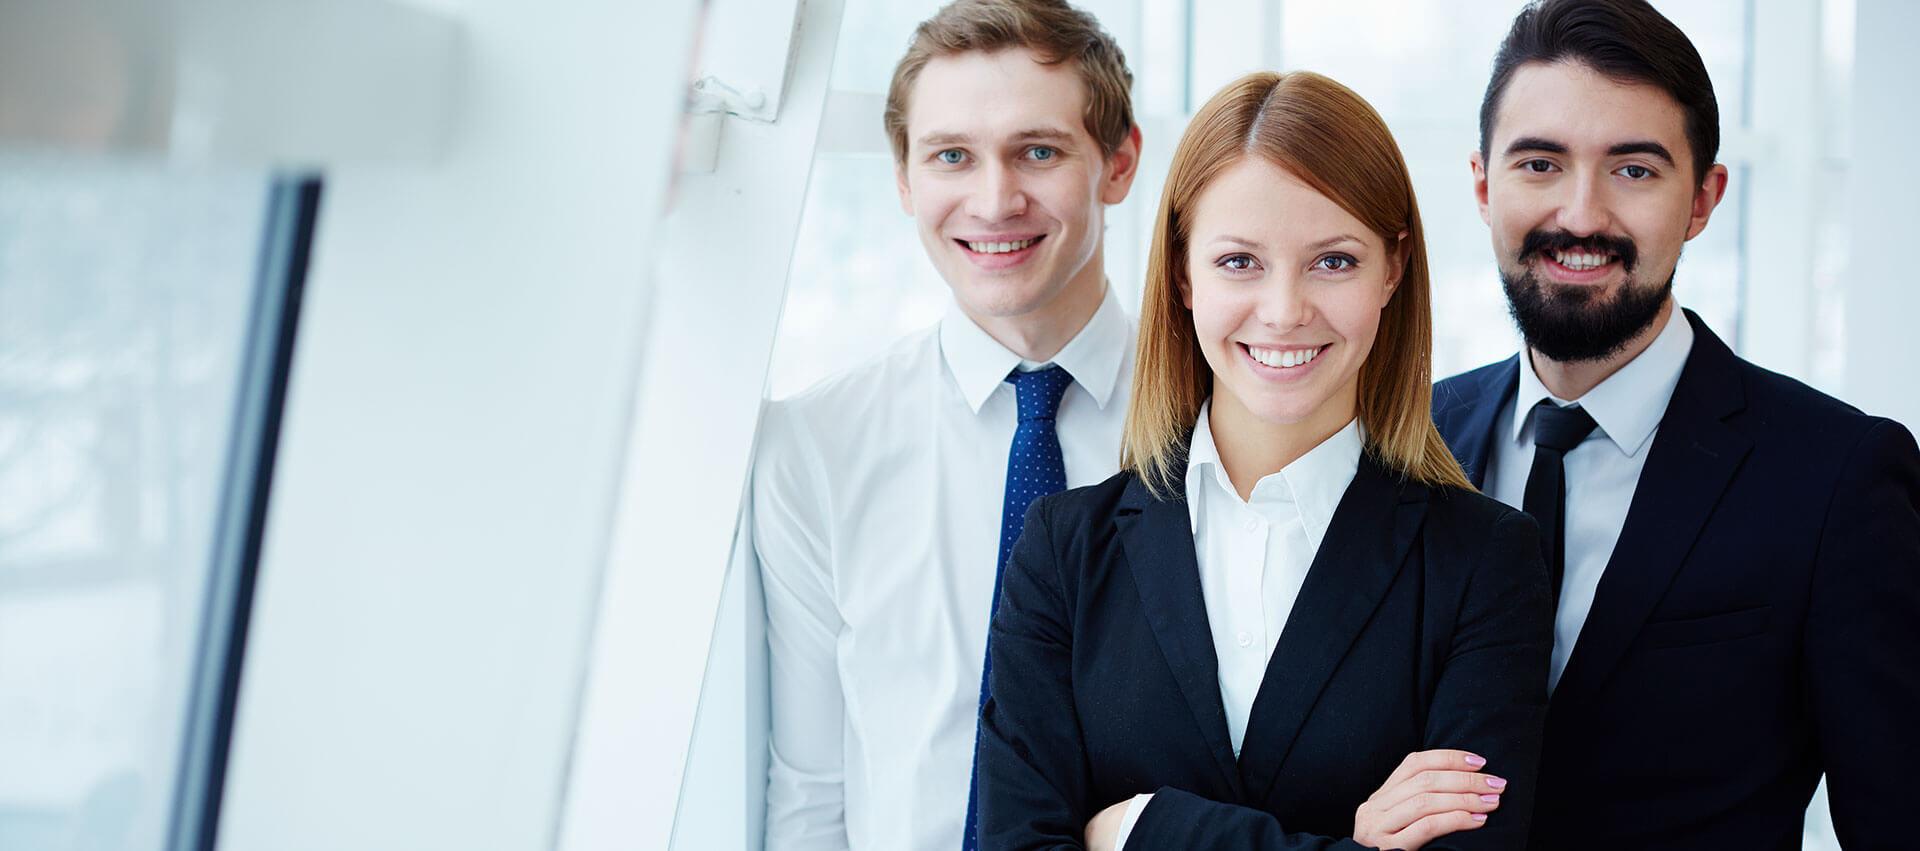 Recruitment Services Miami